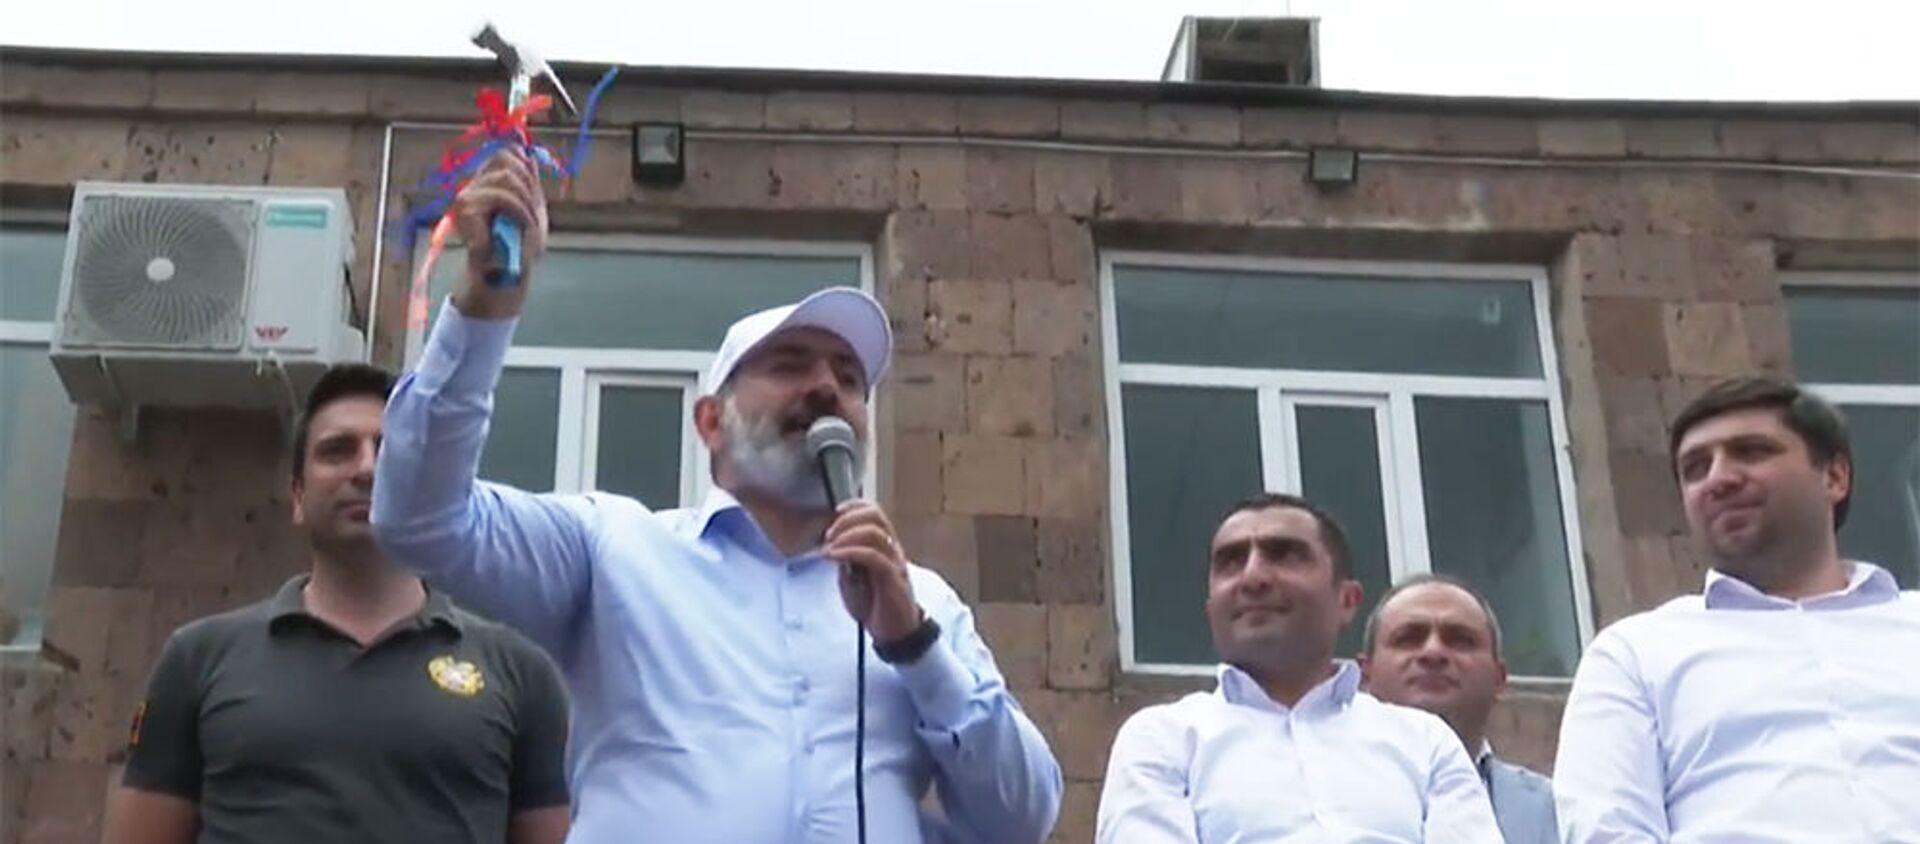 И.о. премьер-министра Никол Пашинян держит в руках молоток во время предвыборной агиткампании в общине Бюрегаван (13 июня 2021). Котайк - Sputnik Արմենիա, 1920, 16.06.2021